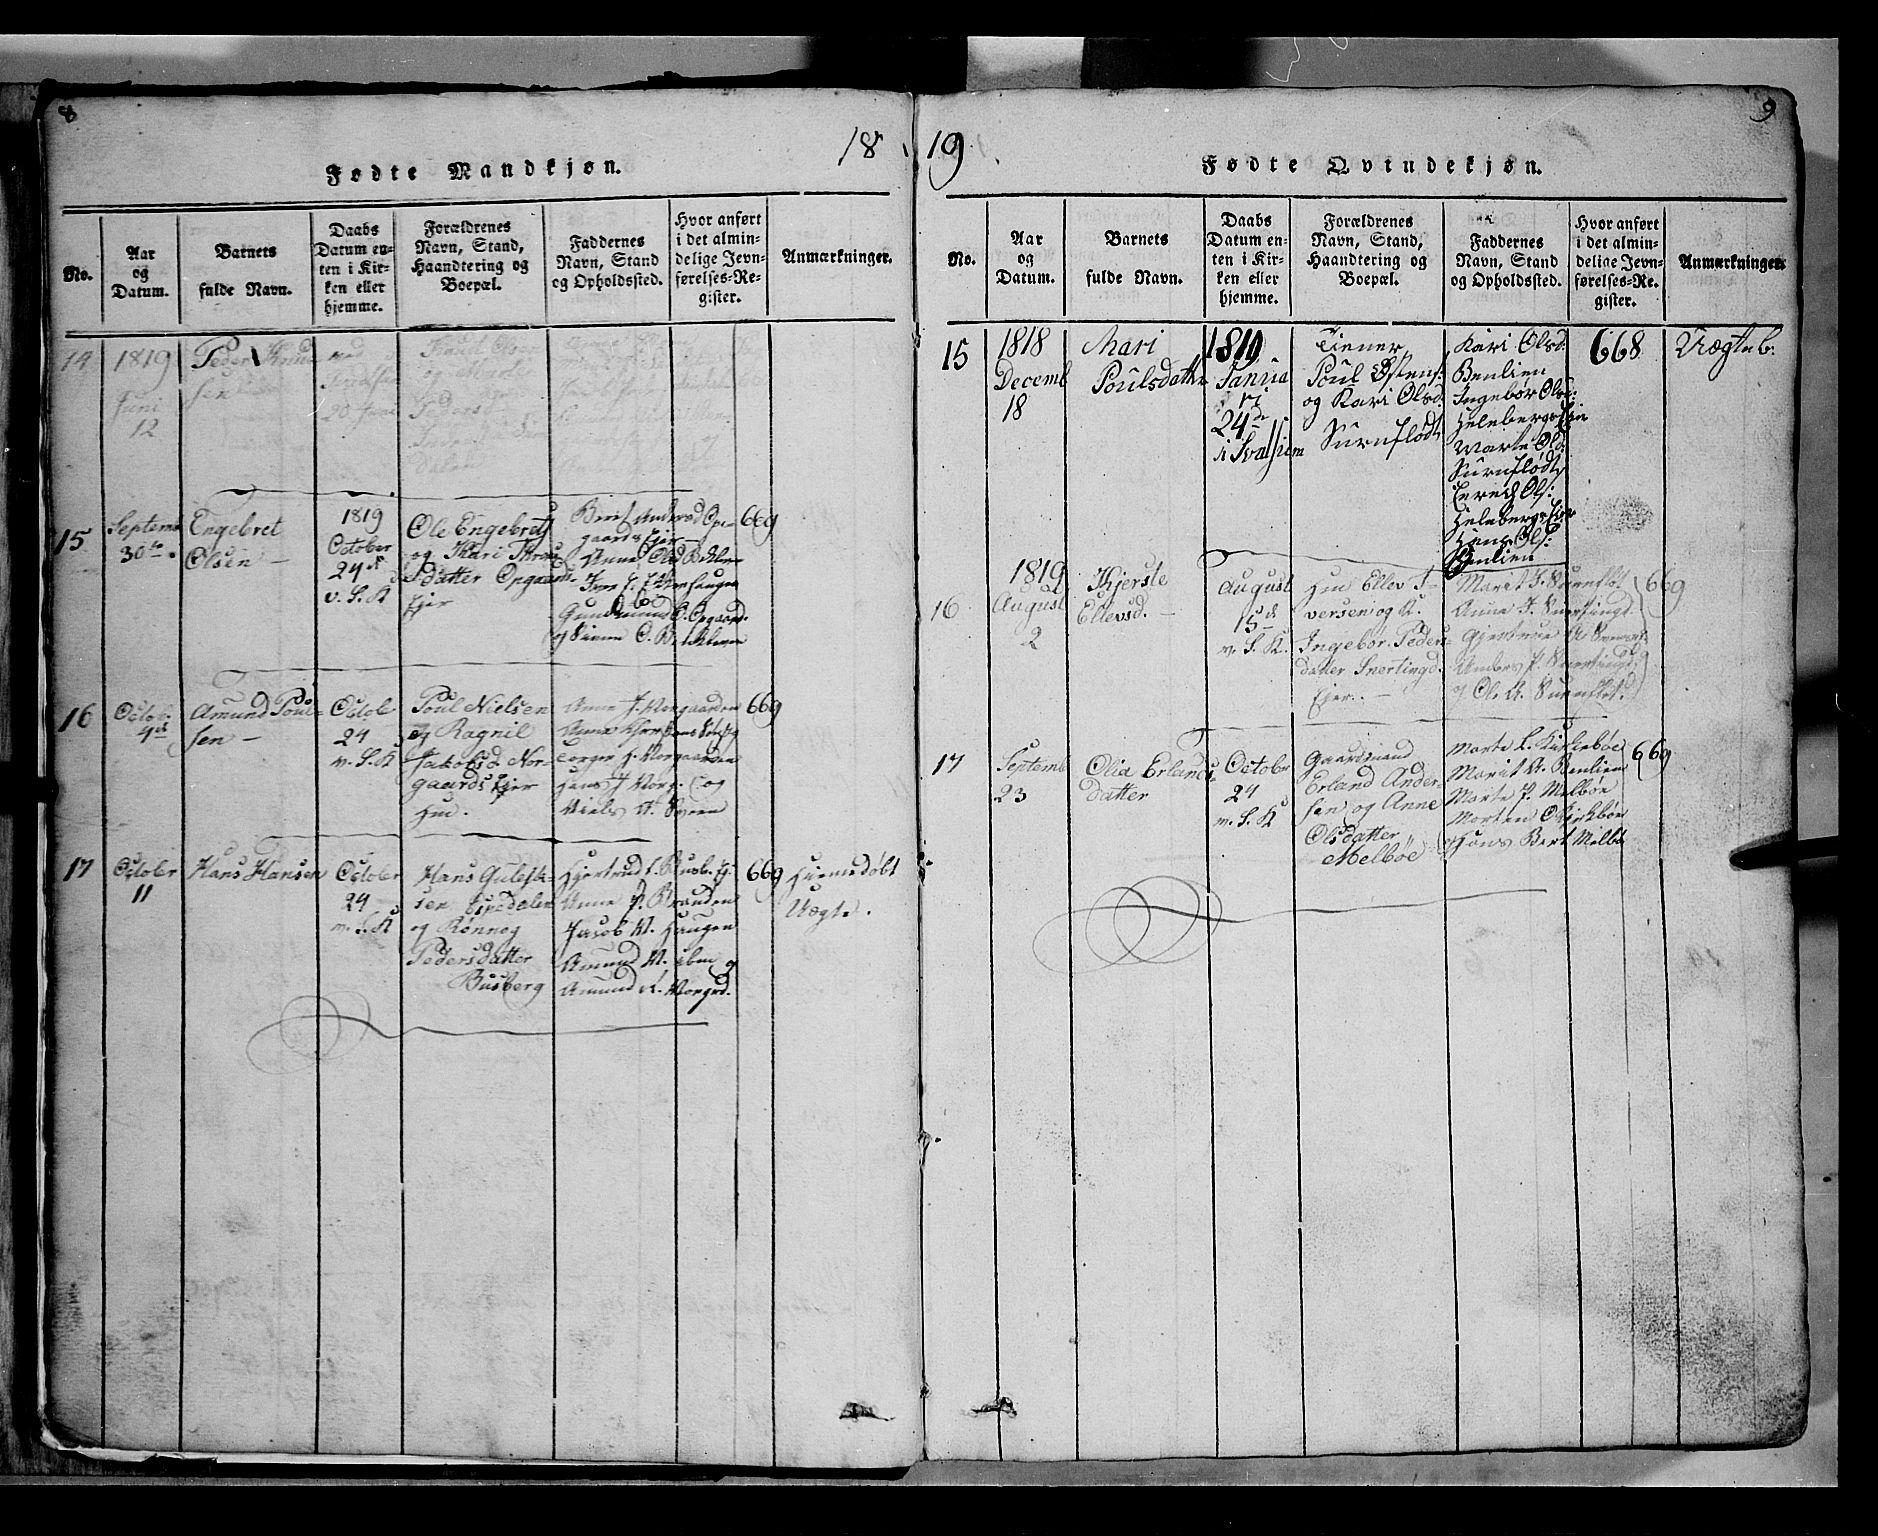 SAH, Gausdal prestekontor, Klokkerbok nr. 2, 1818-1874, s. 8-9